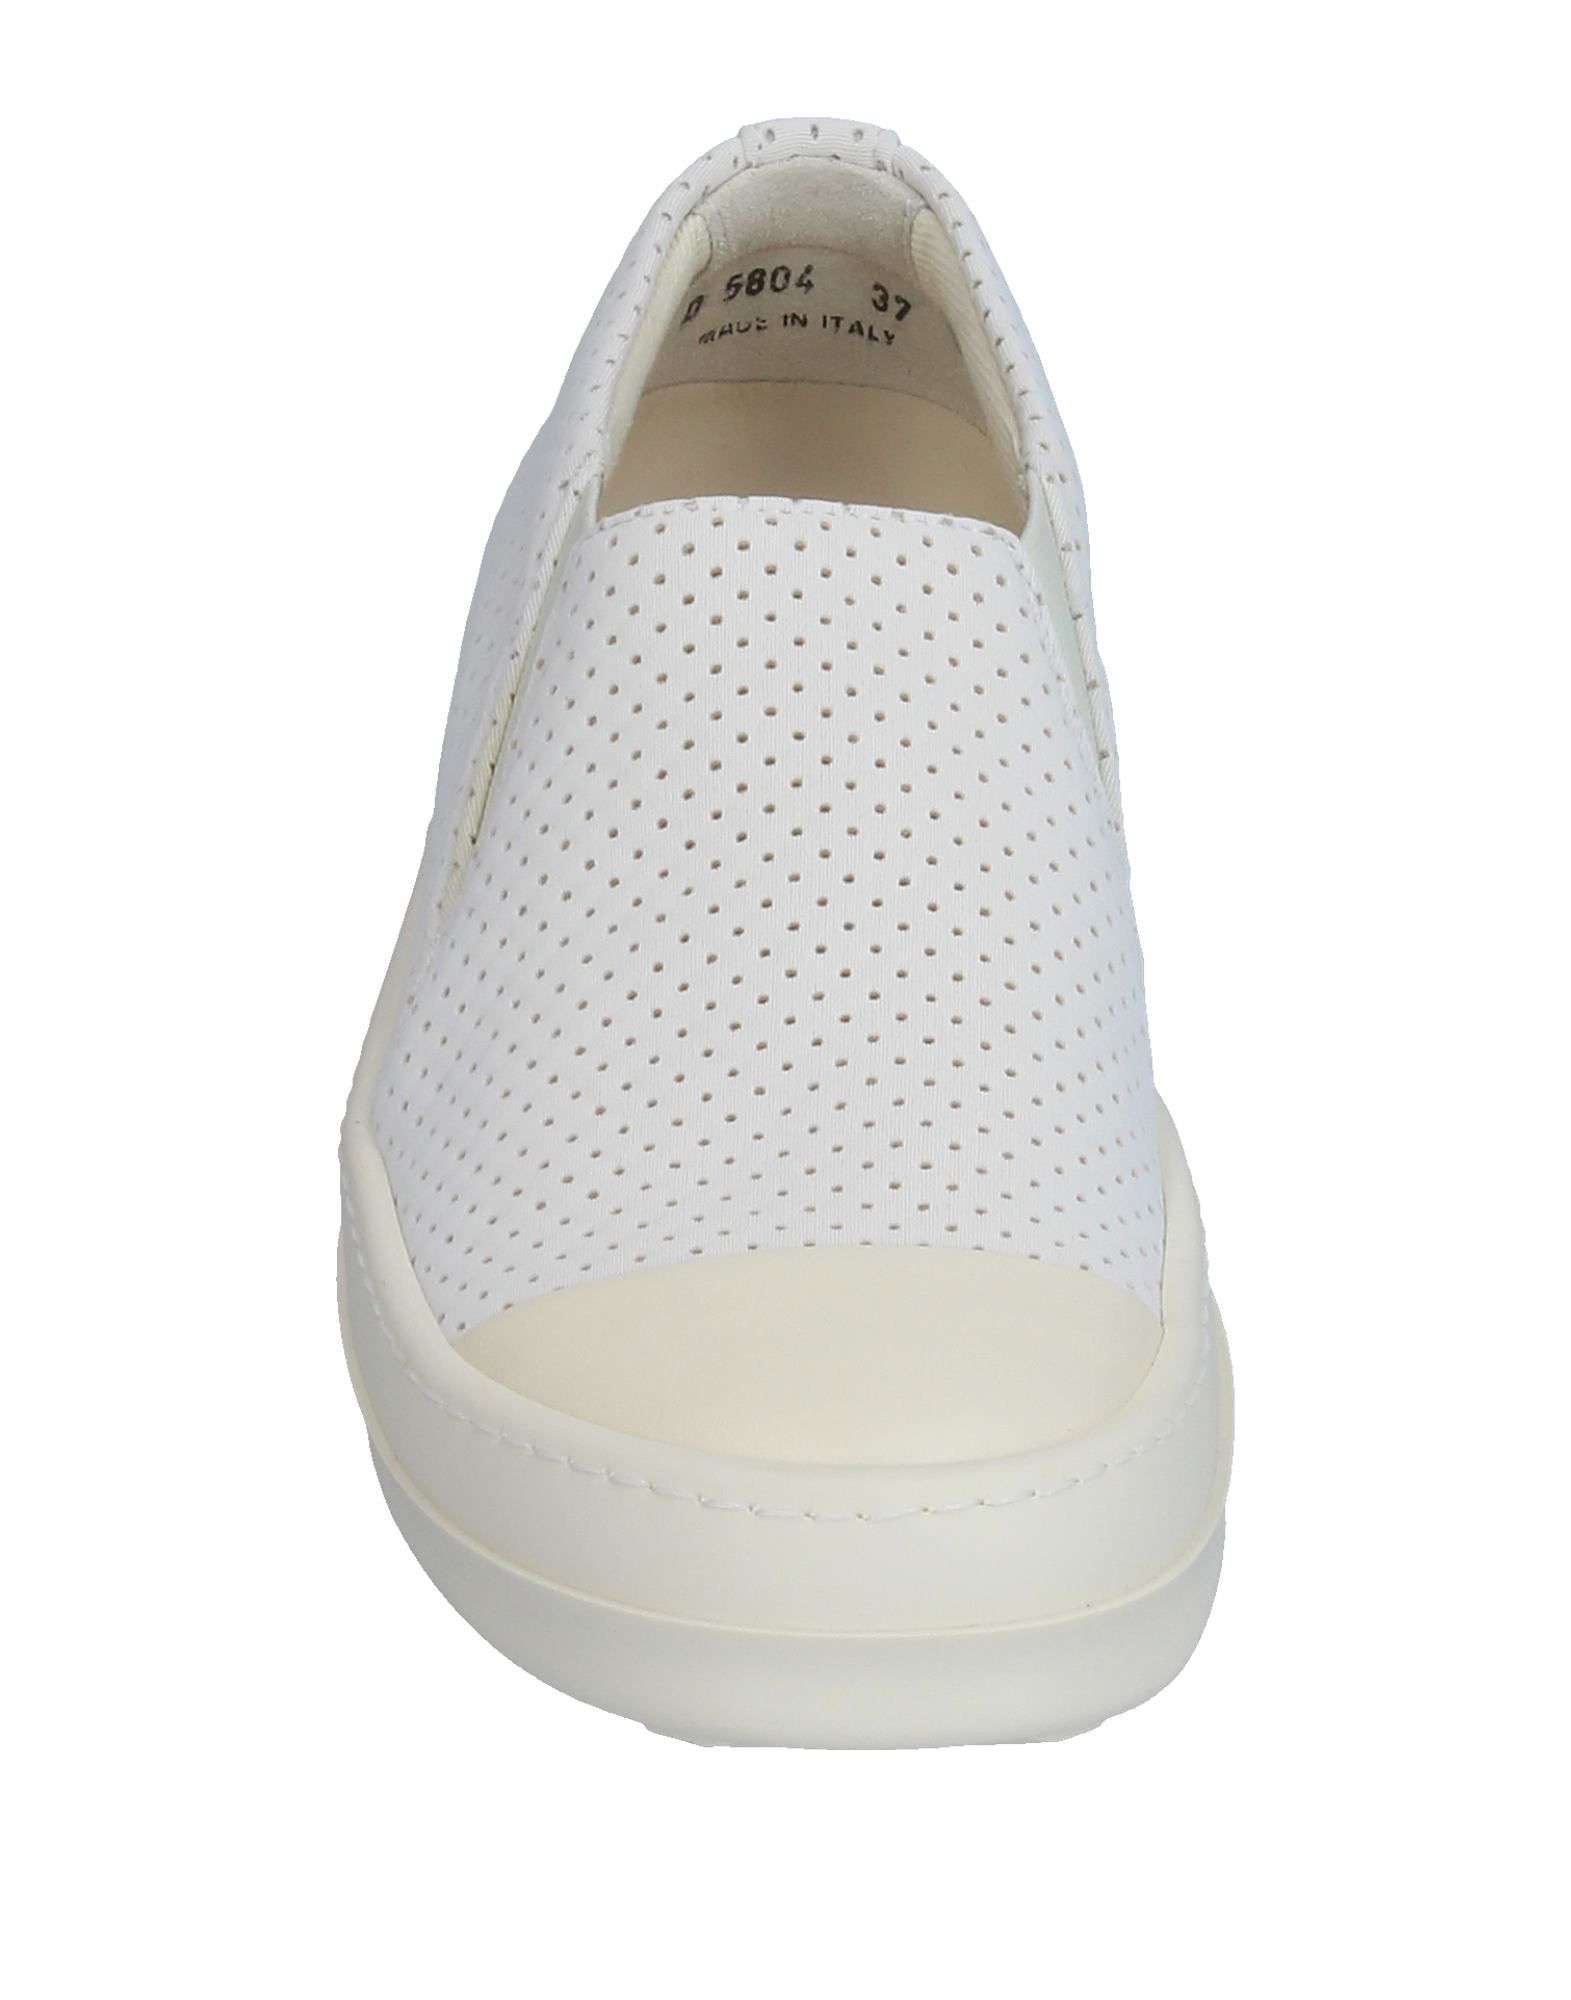 Rabatt Schuhe Drkshdw Damen By Rick Owens Sneakers Damen Drkshdw  11358651LK 6a020e